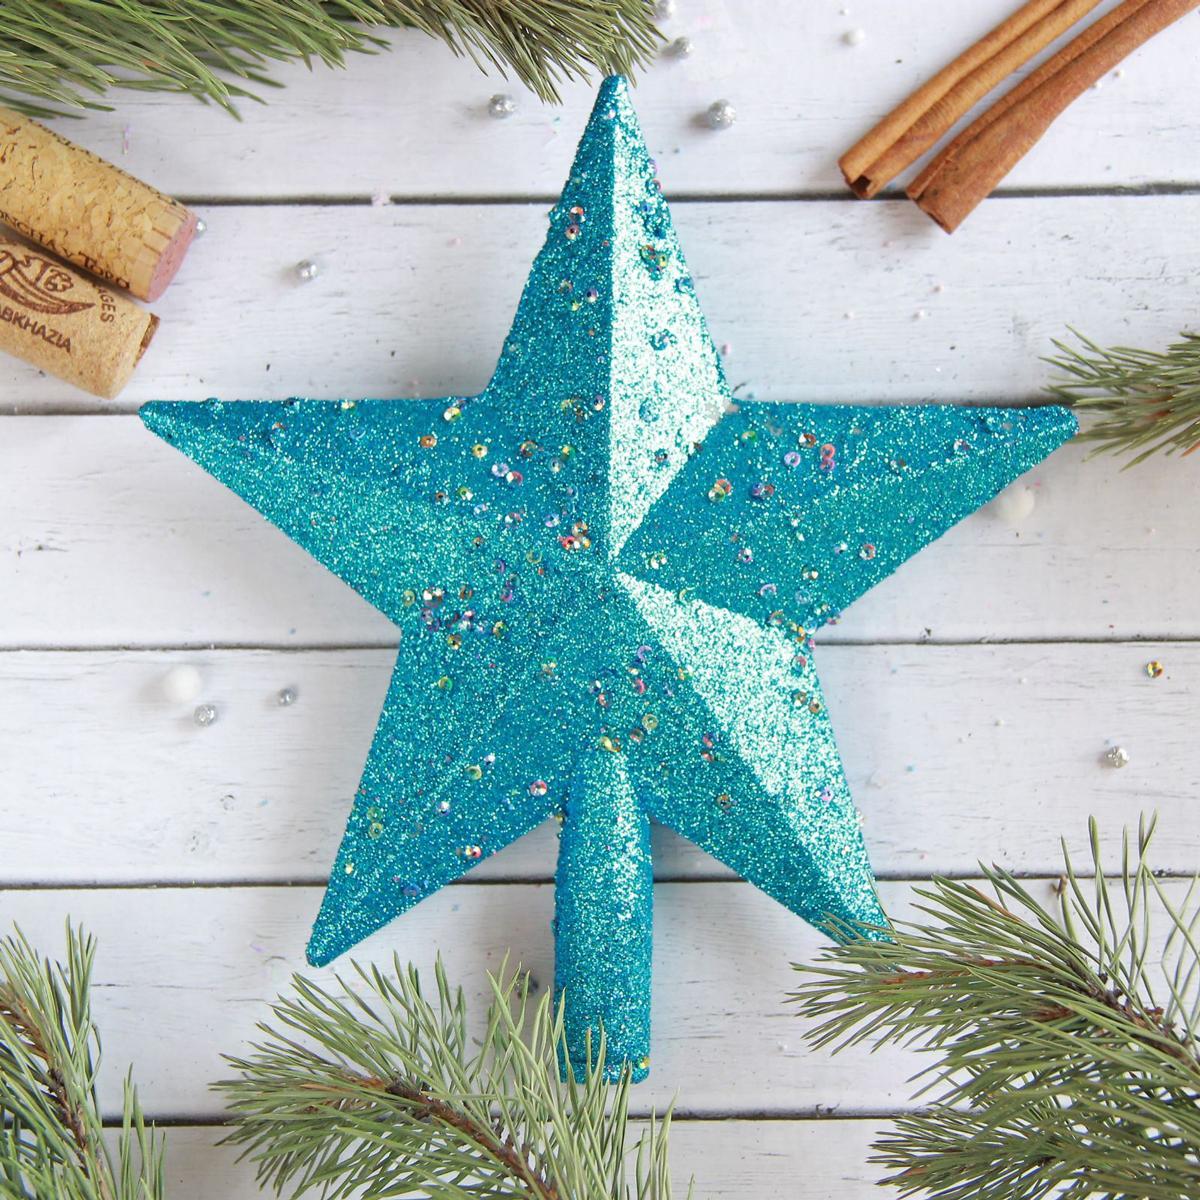 Верхушка на елку Звезда с блестками, цвет: синий, 18 х 20 см2377888Верхушка на елку выполнена из высококачественного пластика. Изделие будет прекрасно смотреться на новогодней елке. Верхушка на елку - одно из главных новогодних украшений лесной красавицы. Она принесет в ваш дом ни с чем не сравнимое ощущение праздника! Новогодние украшения несут в себе волшебство. Они помогут вам украсить дом к предстоящим праздникам и оживить интерьер по вашему вкусу. Создайте в доме атмосферу тепла, веселья и радости, украшая его всей семьей.